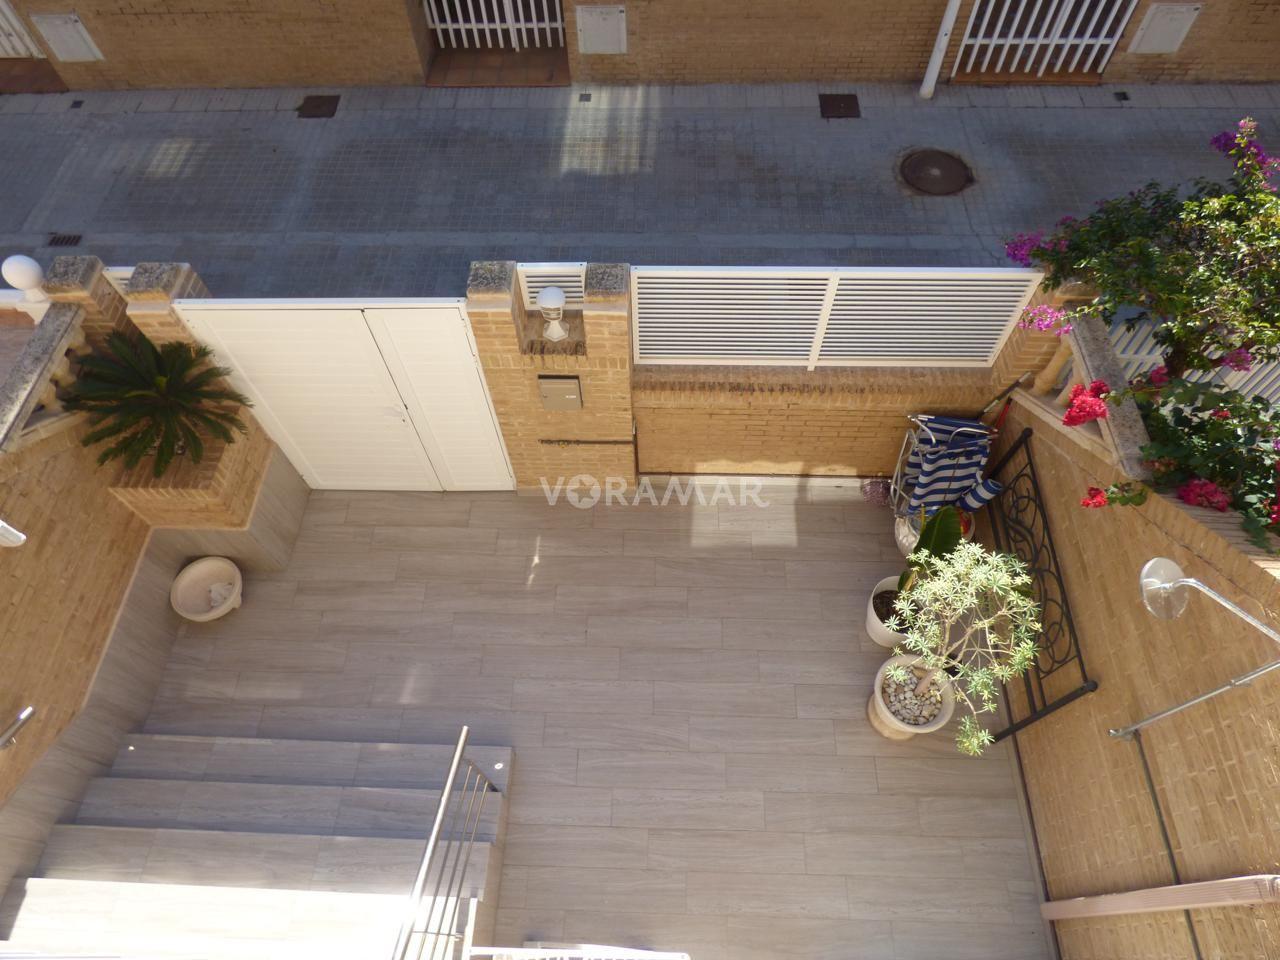 Rental House  Avenida mare nostrum. Bonito adosado,reformado a 100 m2 de la playa de la patacona.sup